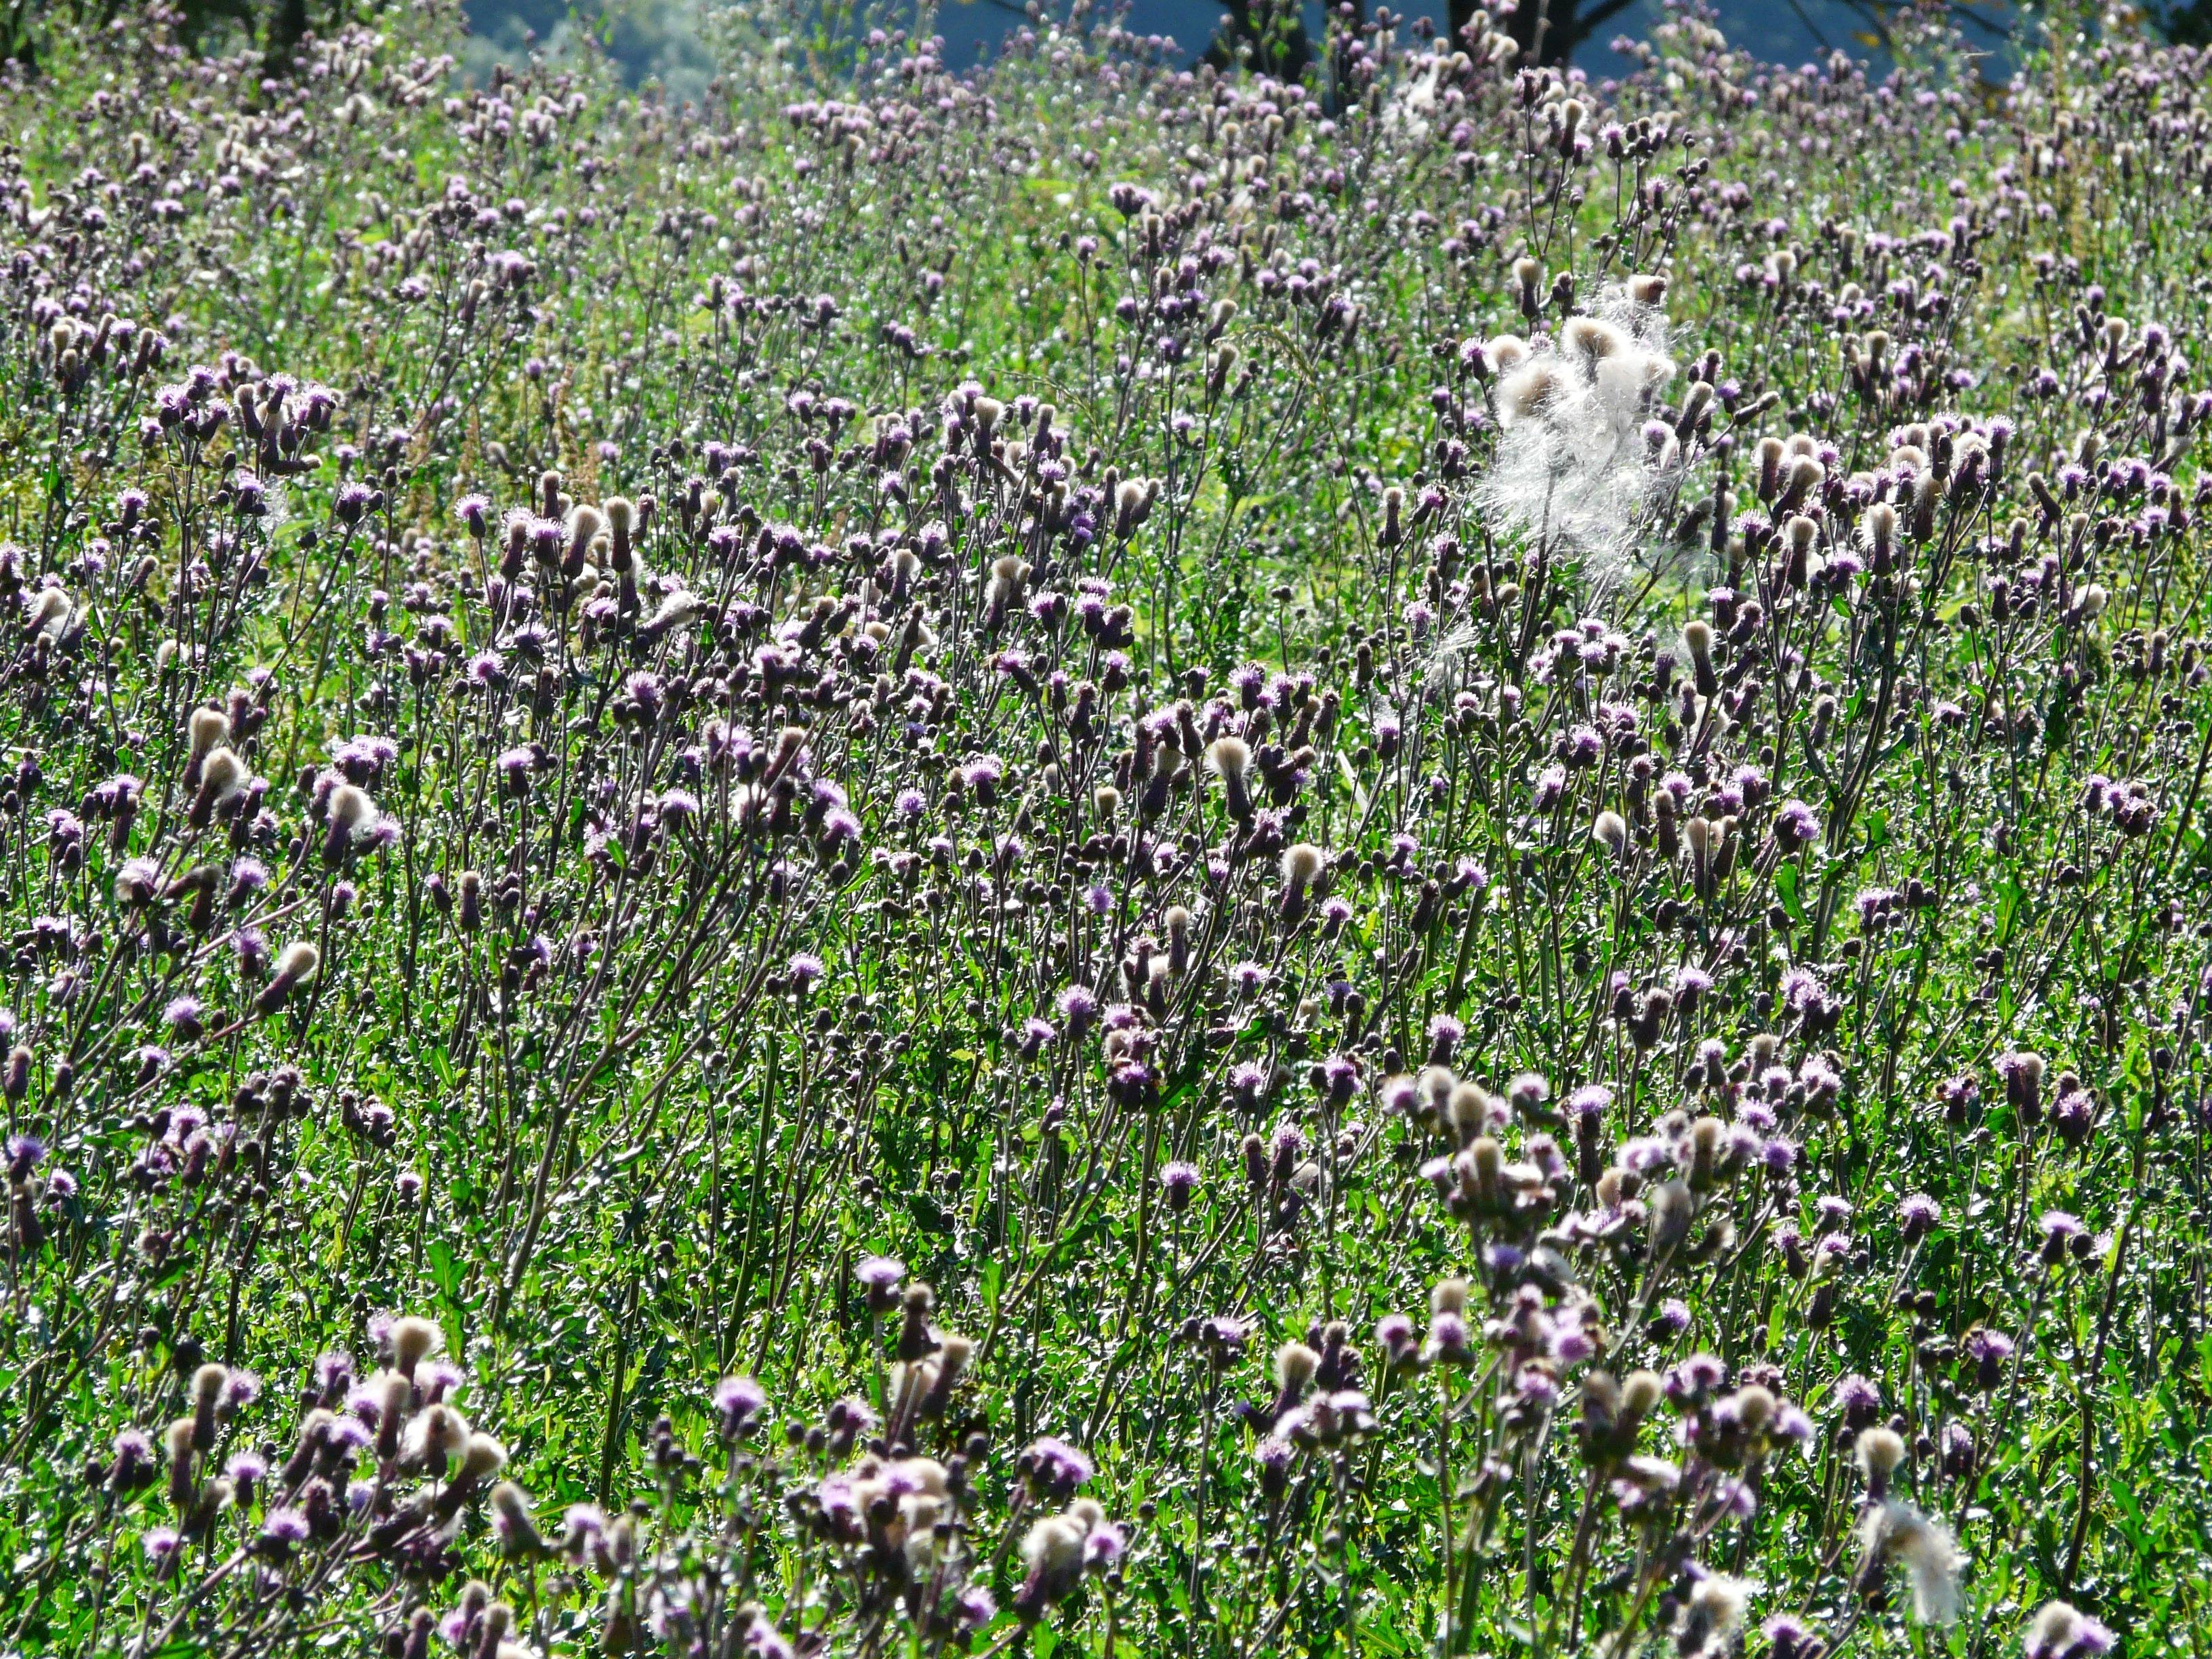 kostenlose foto gras wiese blume lila kraut flora wildblume blumen bl tter strauch. Black Bedroom Furniture Sets. Home Design Ideas